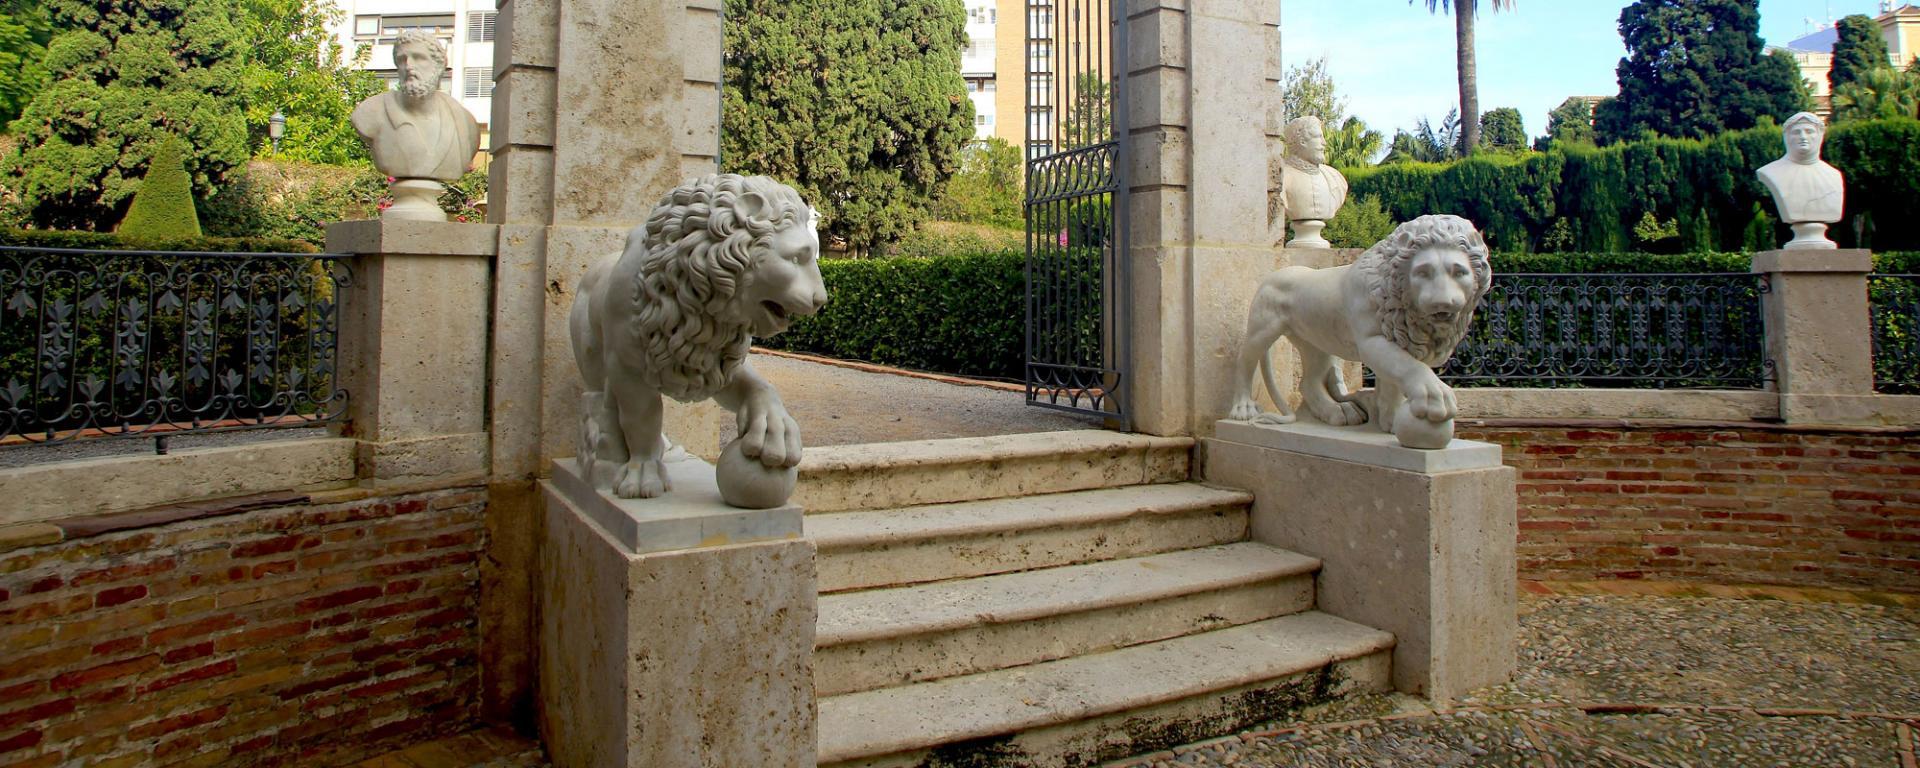 En 1864 Juan Bautista Romero, propietari i promotor del jardí, va adquirir els dos lleons per al seu palauet. Escultures de José Bellver Collazos (Àvila-1924-Madrid 1969) realitzades per a l'escalinata del Congrés en Madrid, però no van arribar a situar-se en ella al considerar-los massa xicotets